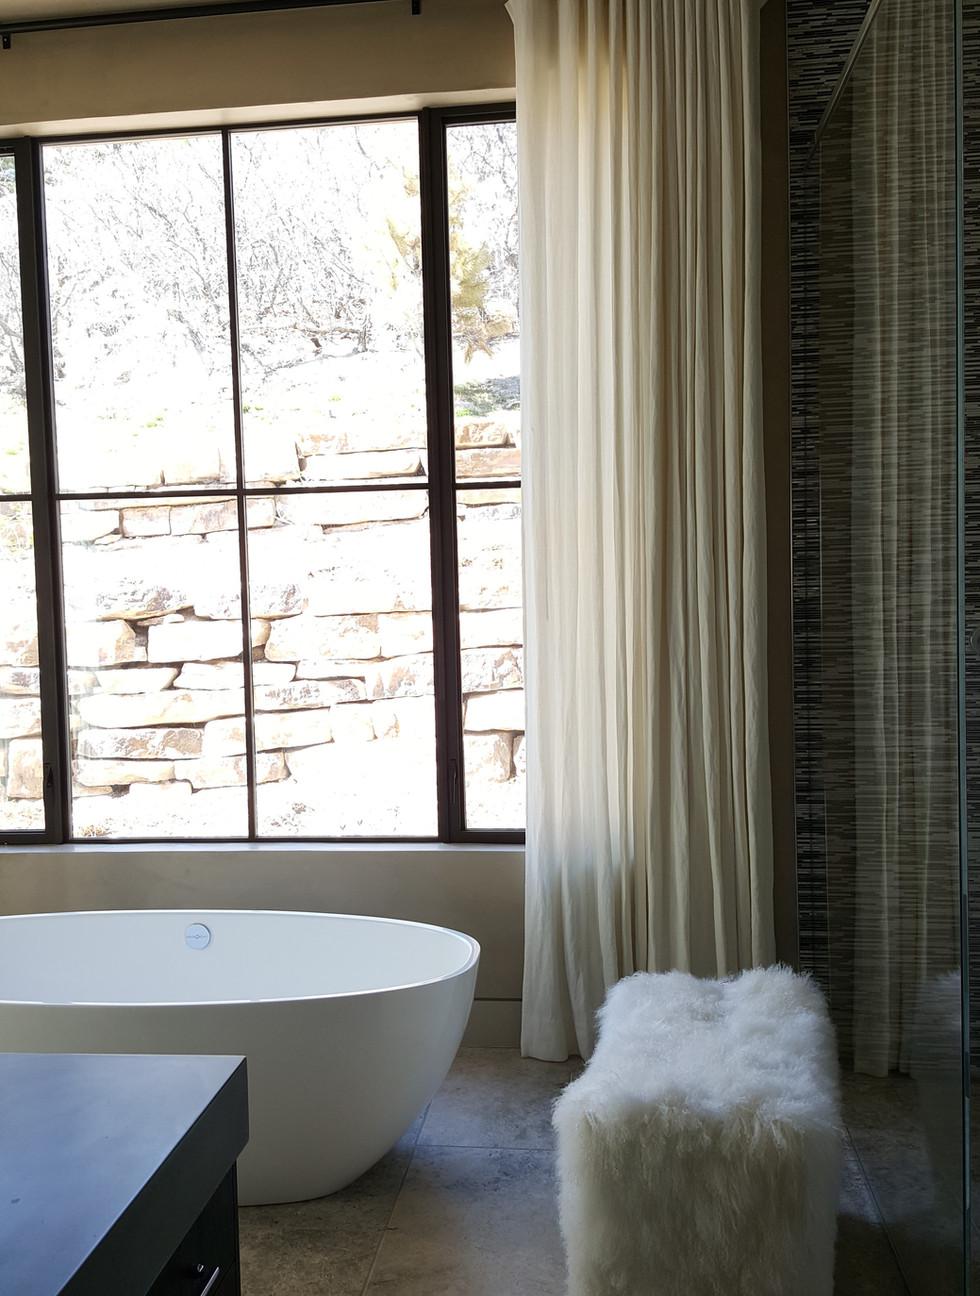 Tazi Ranch MST Bath Install Pics 4.13  (